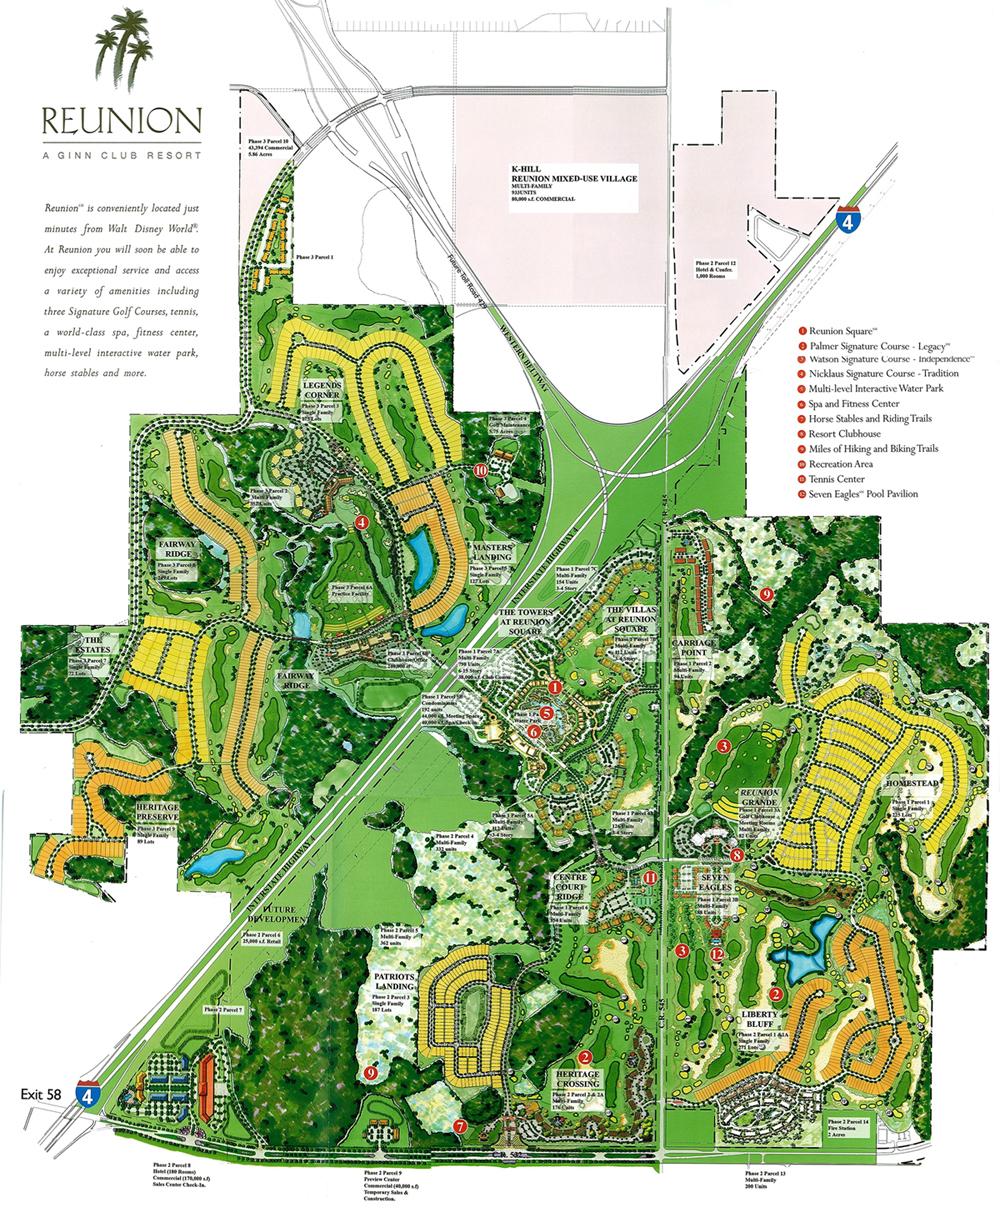 Reunion Resort – Juan Delgado Real Estate 2018 - Reunion Florida Map